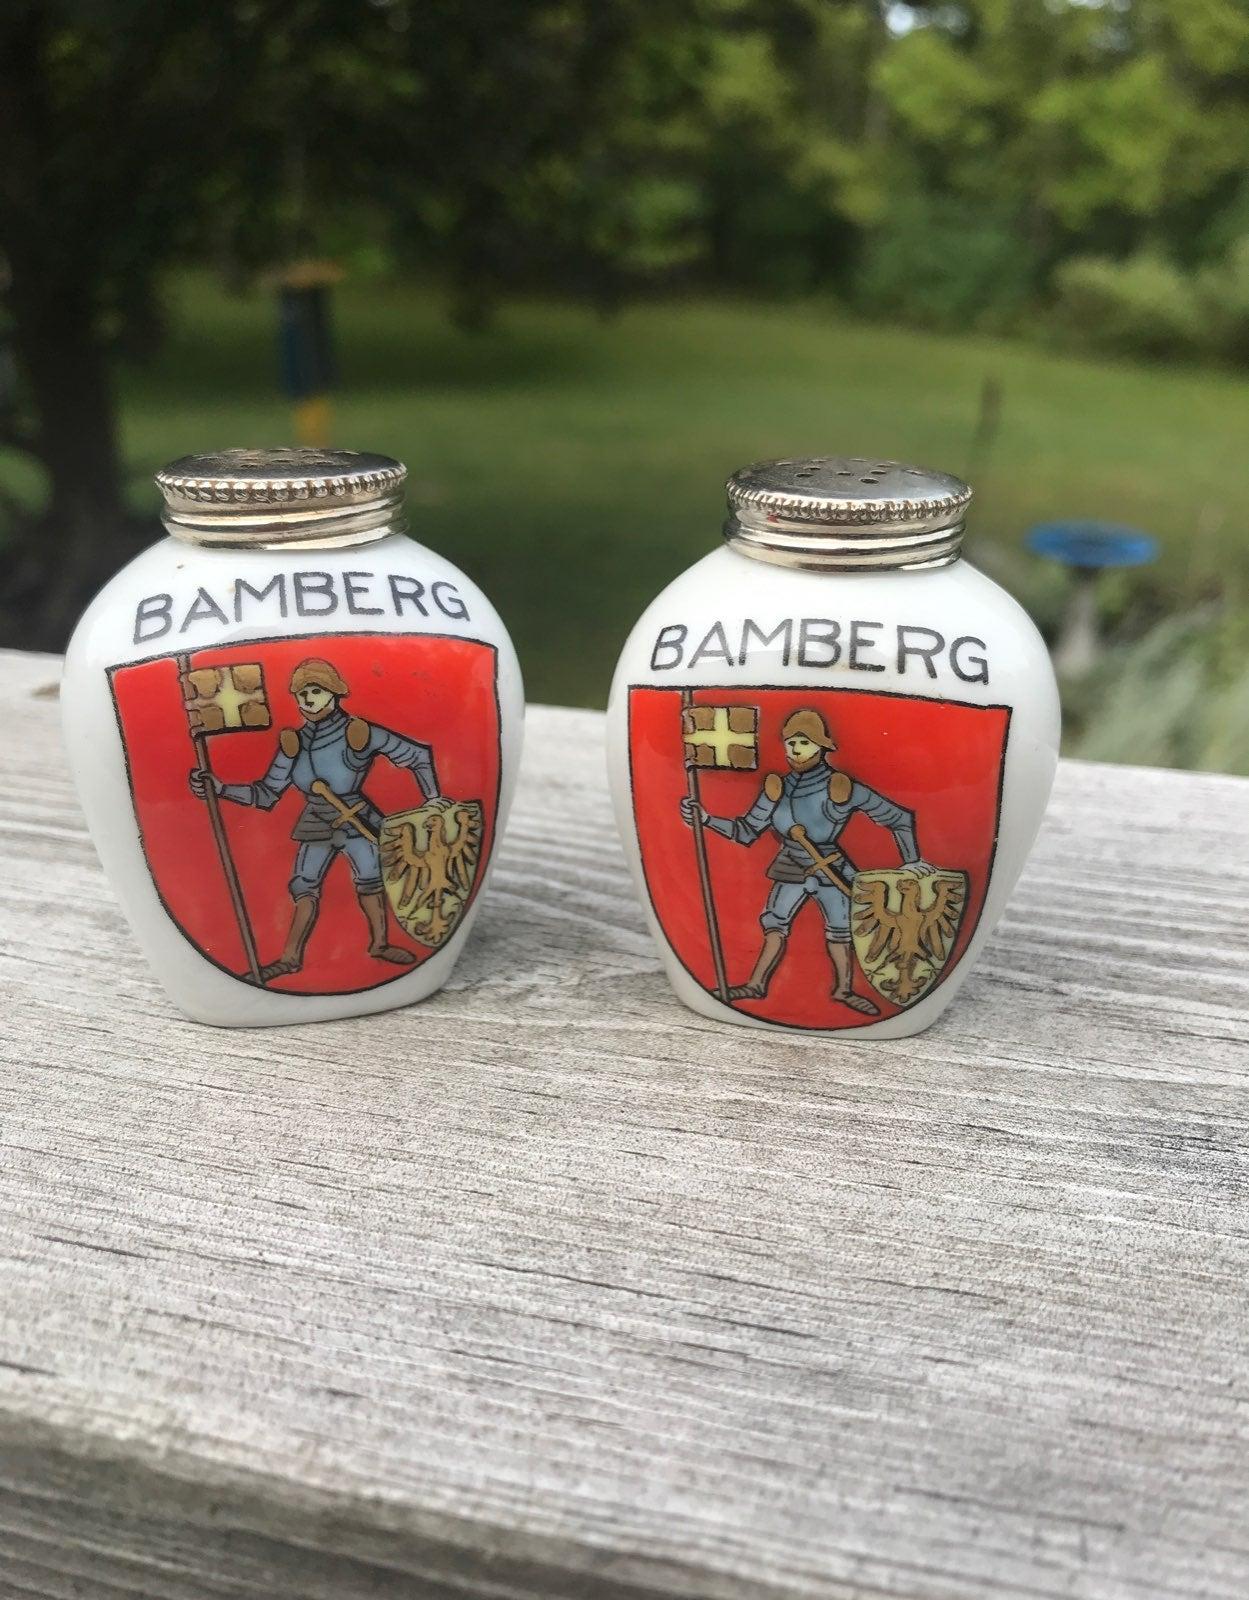 Bamberg Bavaria porcelain s&p shaker